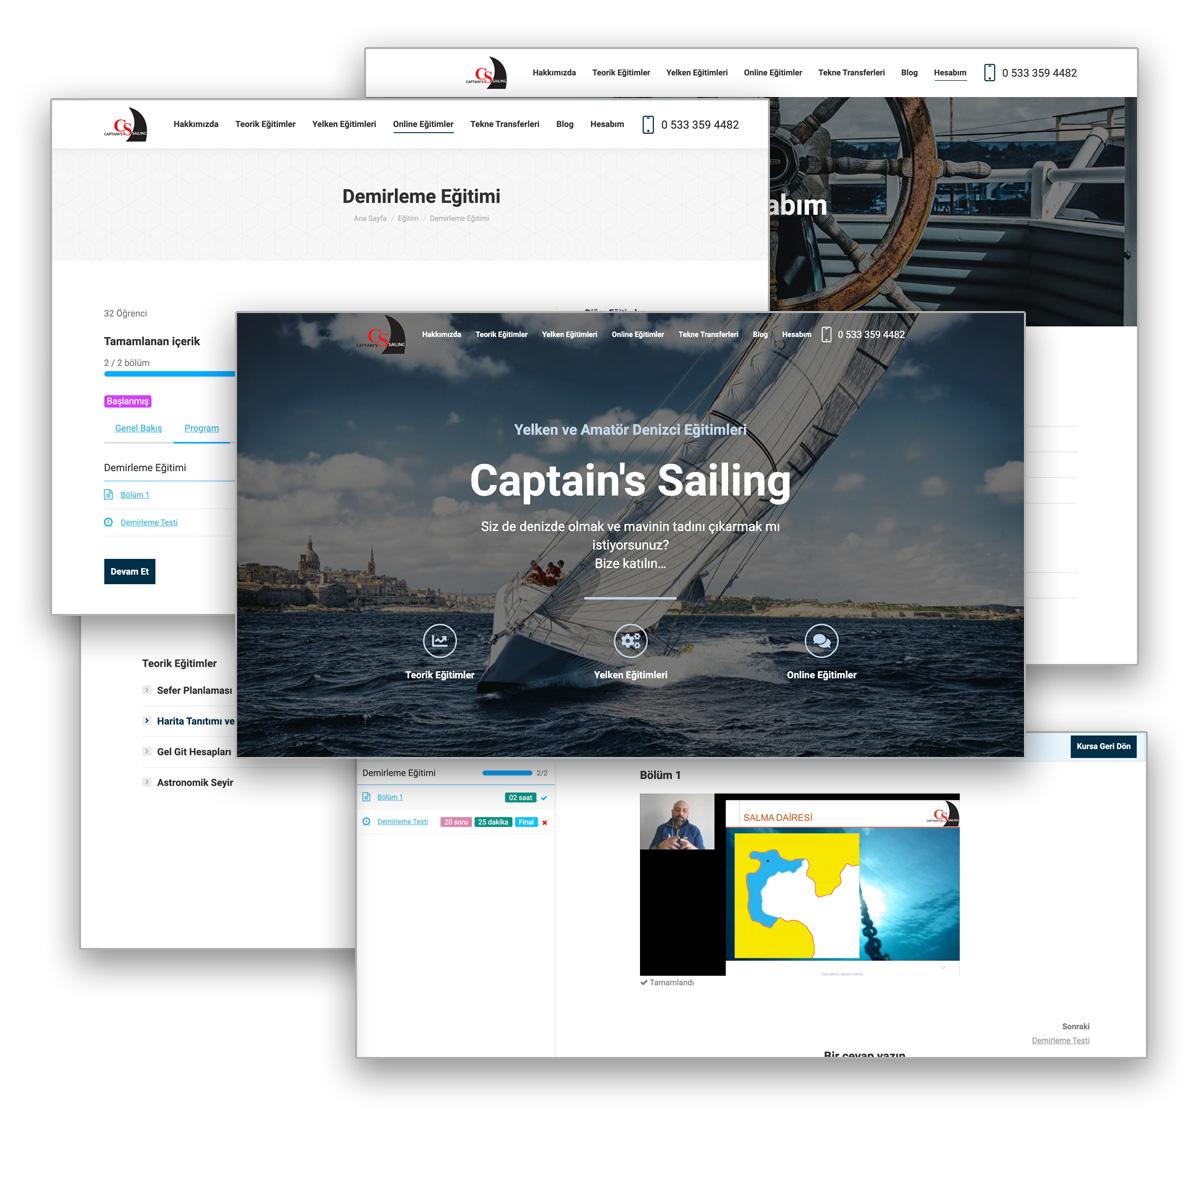 captainsailing website s